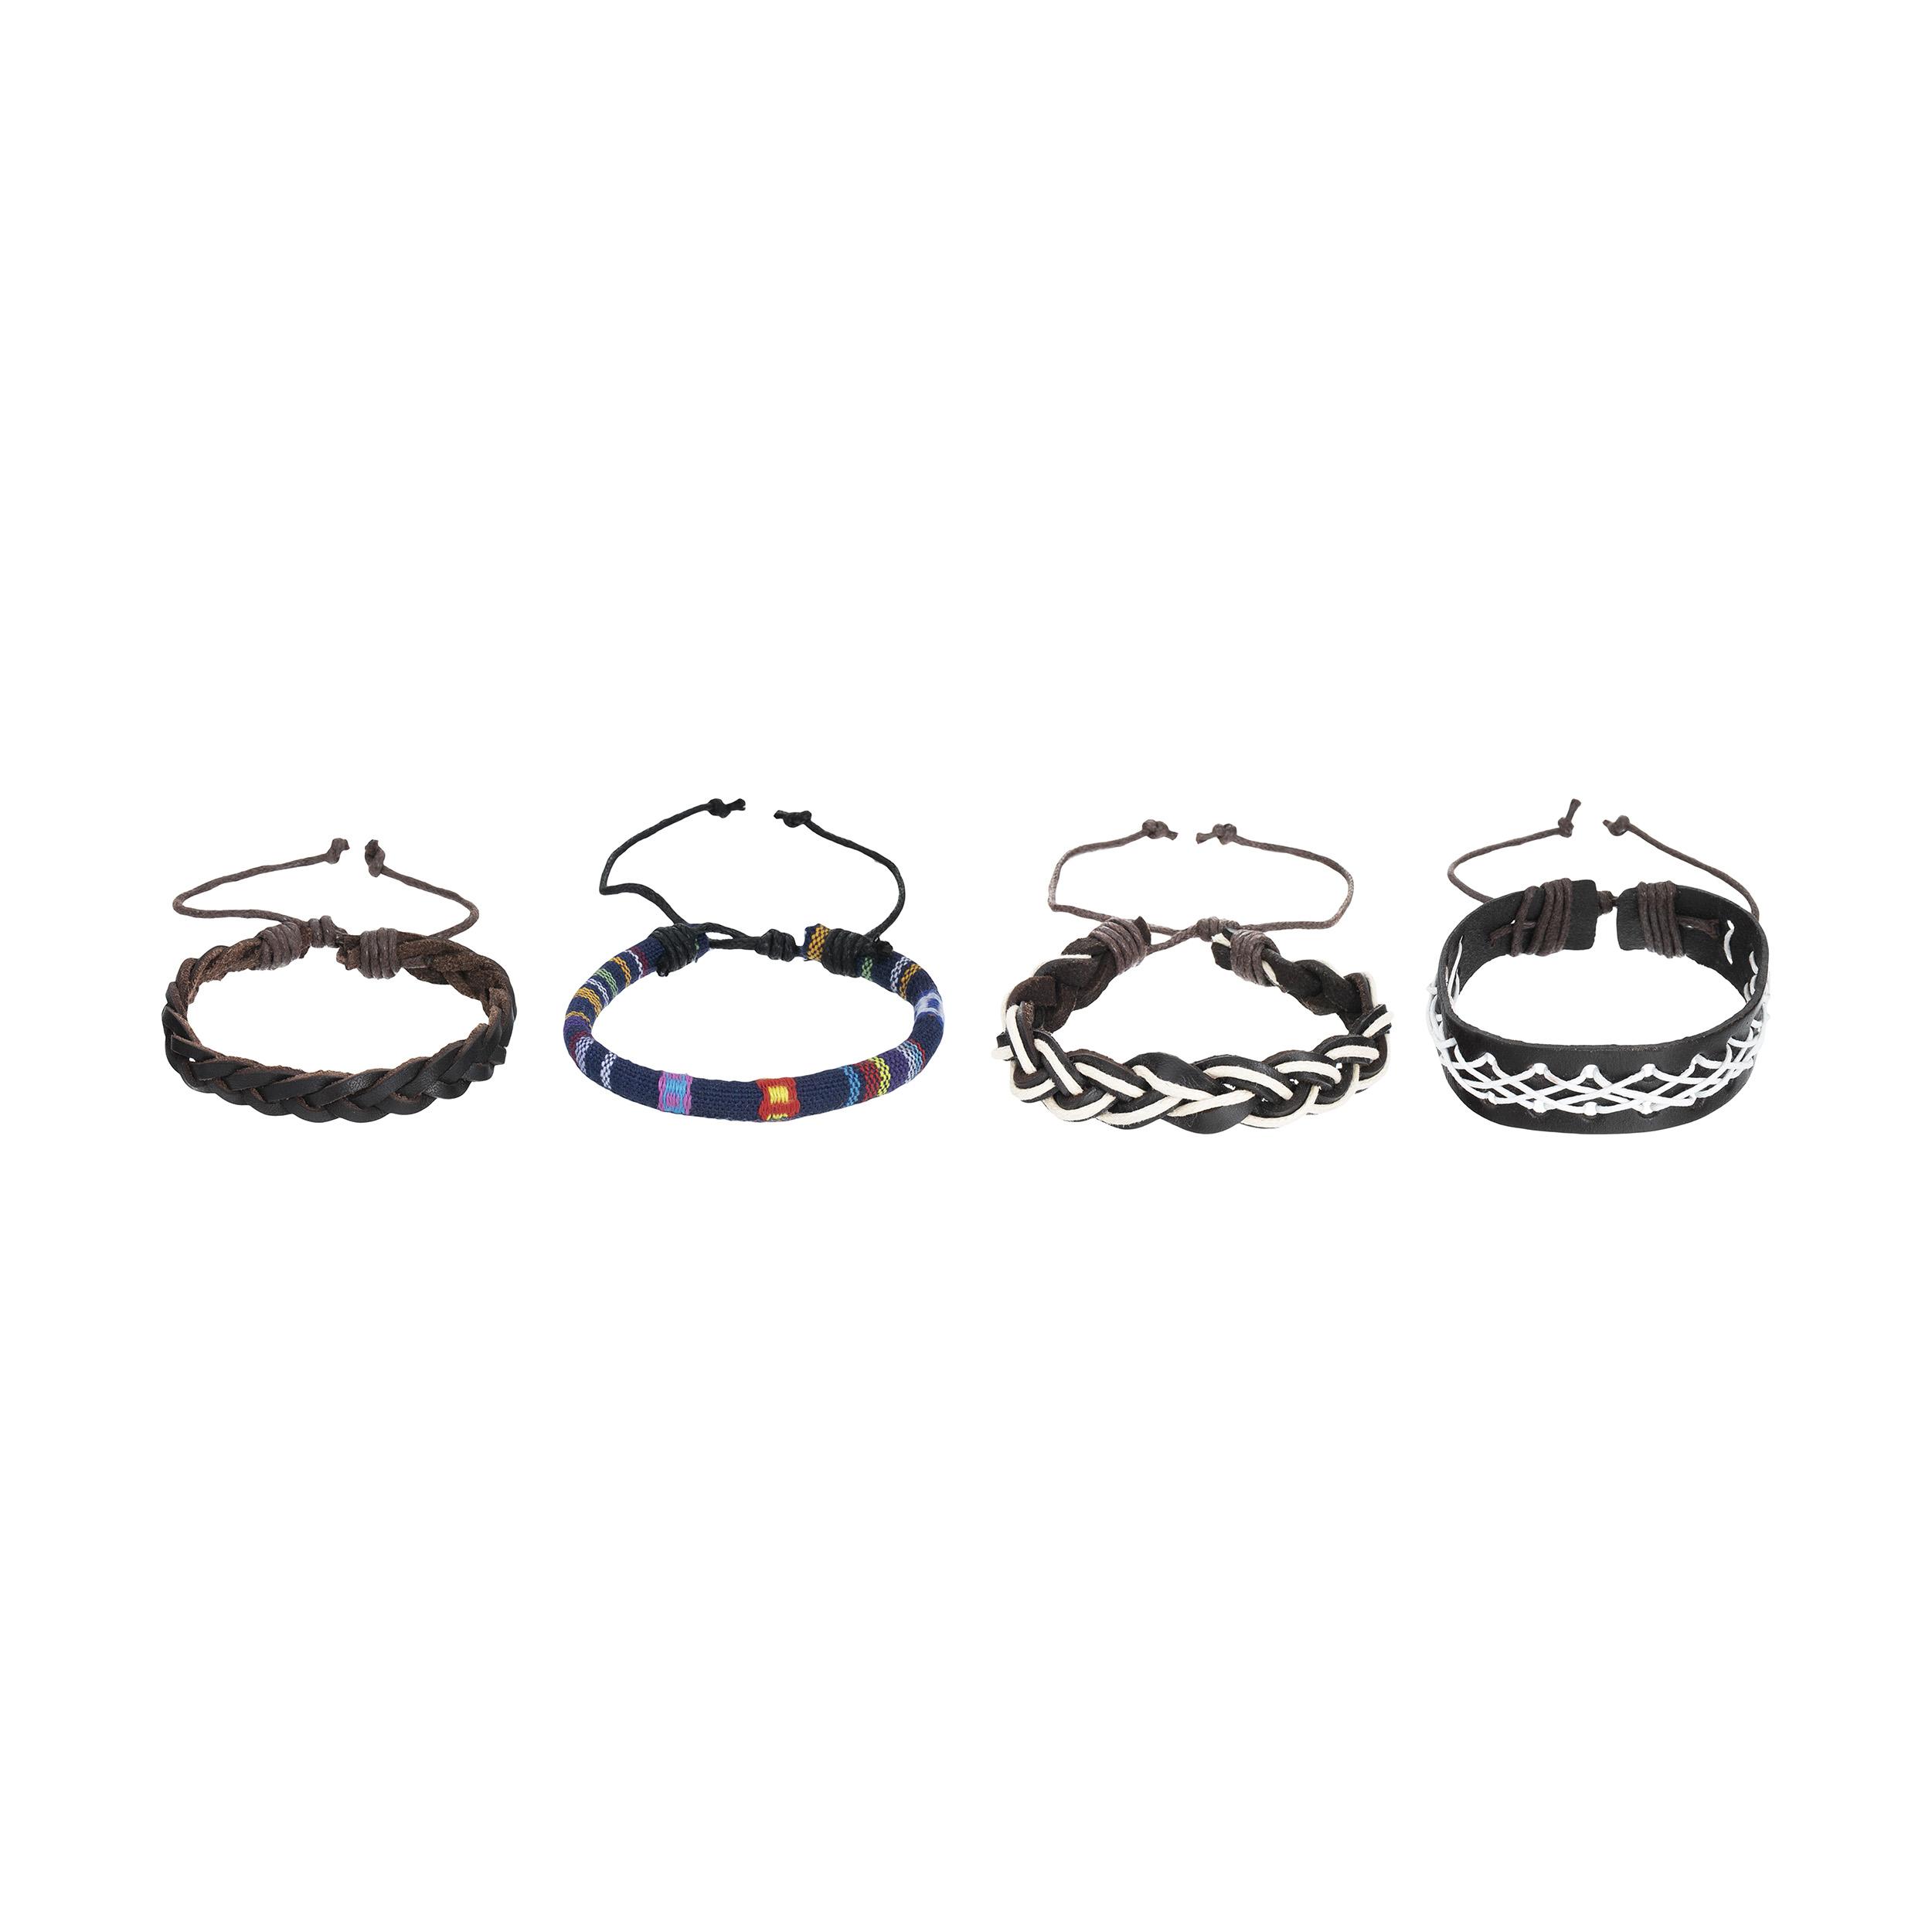 دستبند مردانه کد 6 مجموعه 4 عددی